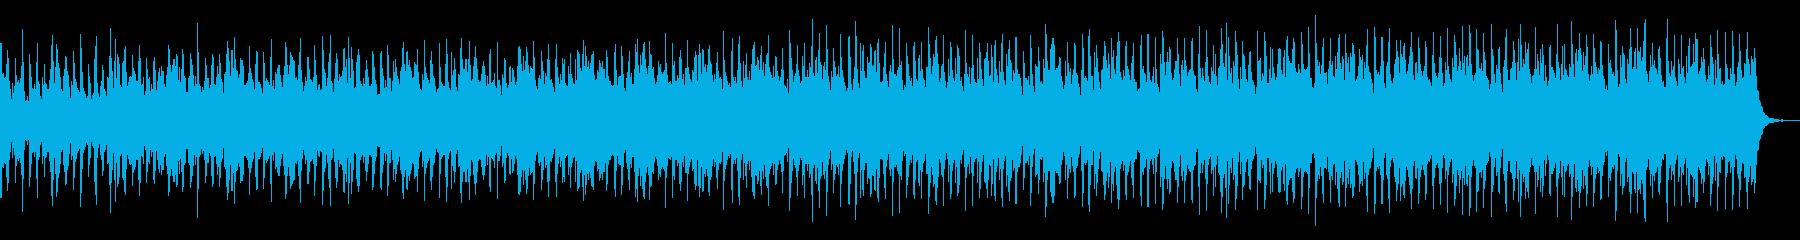 パワフルなオープニング和風ロックの再生済みの波形